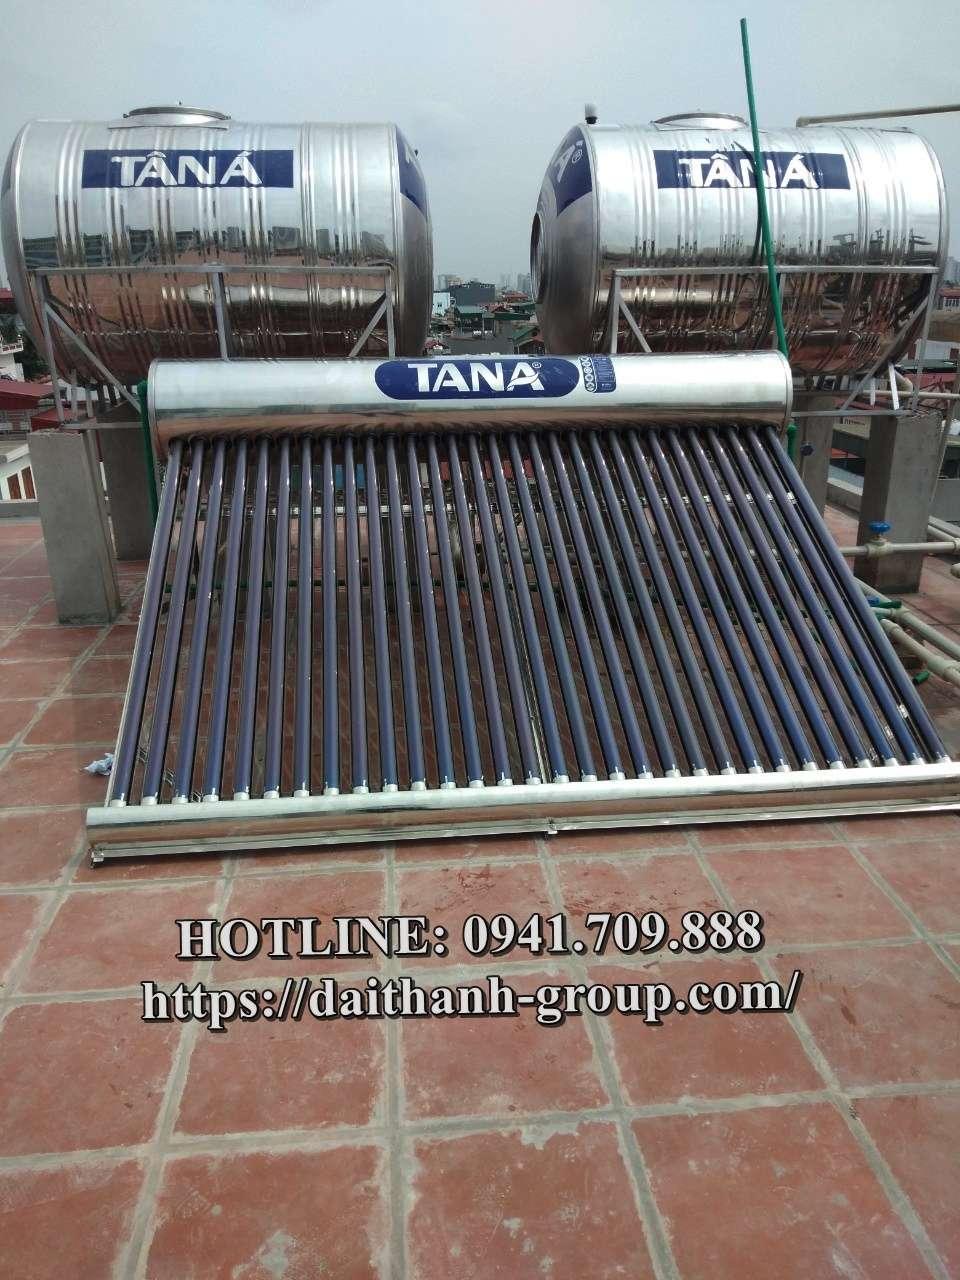 Đơn vị phân phối máy nước nóng NLMT Tân Á uy tín tại Hà Nội